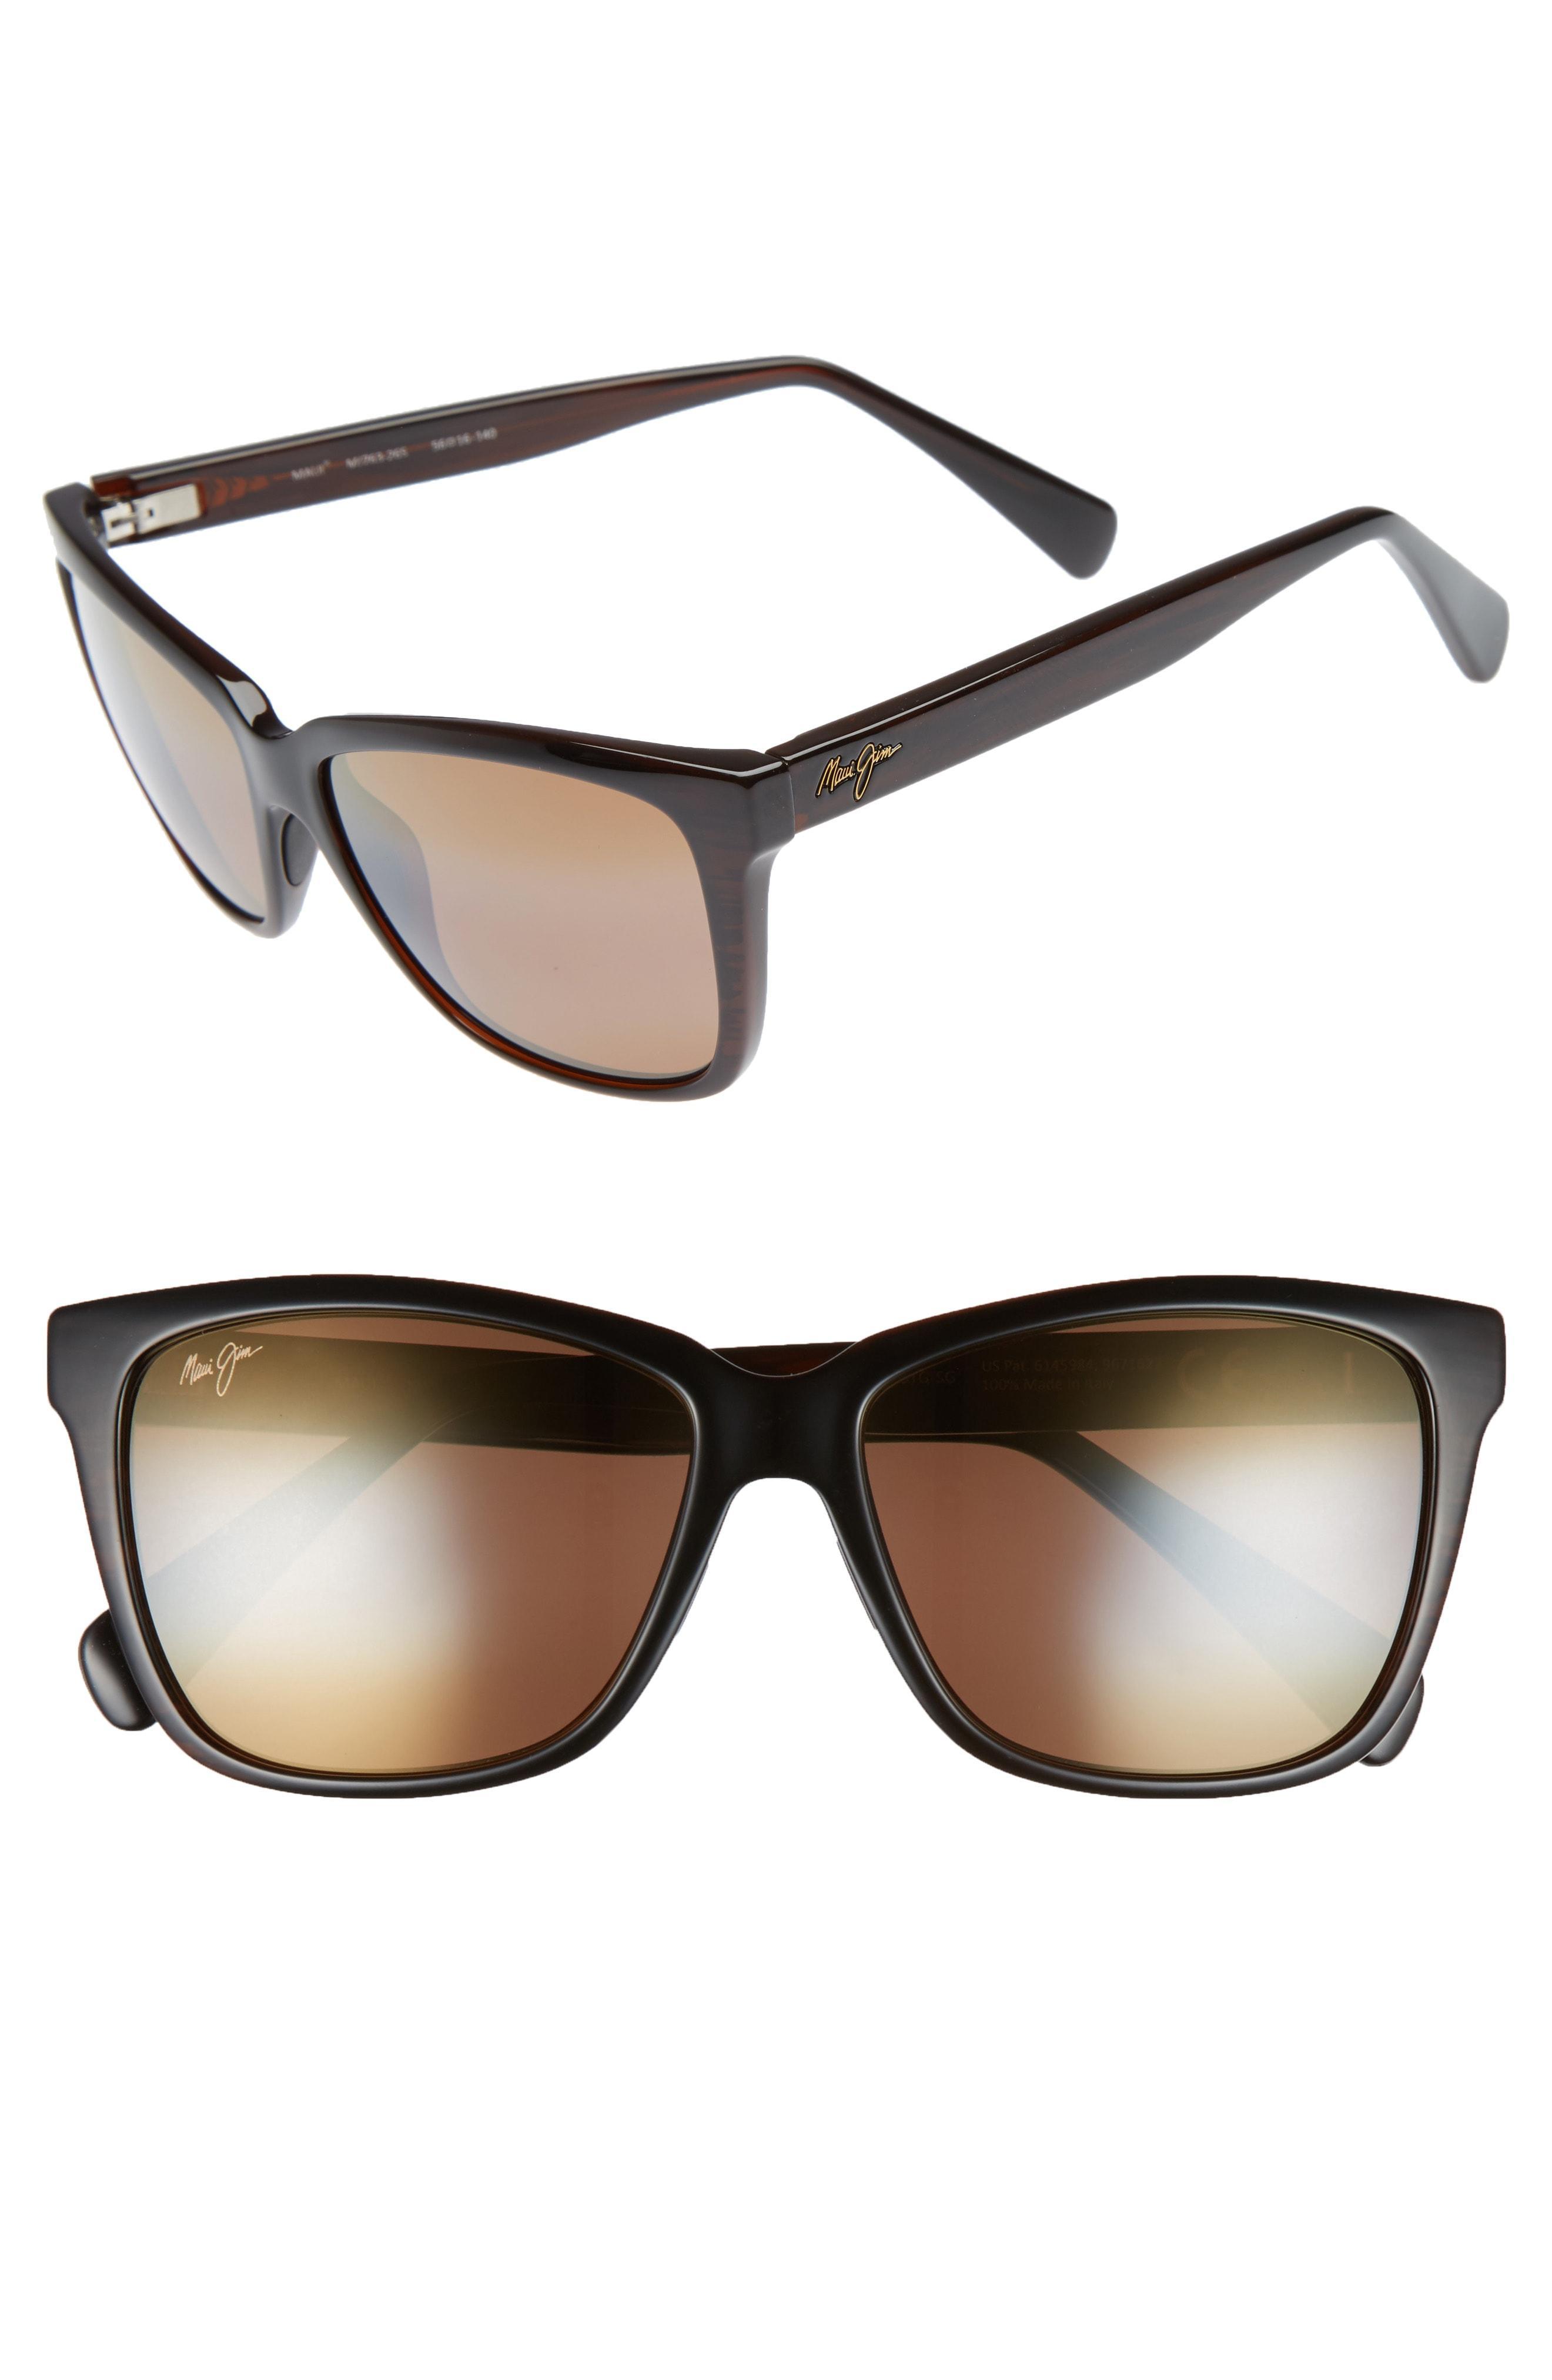 Maui Jim JACARANDA H763-26S Brown Stripe Sunglasses Polarized HCL Bronze Lenses